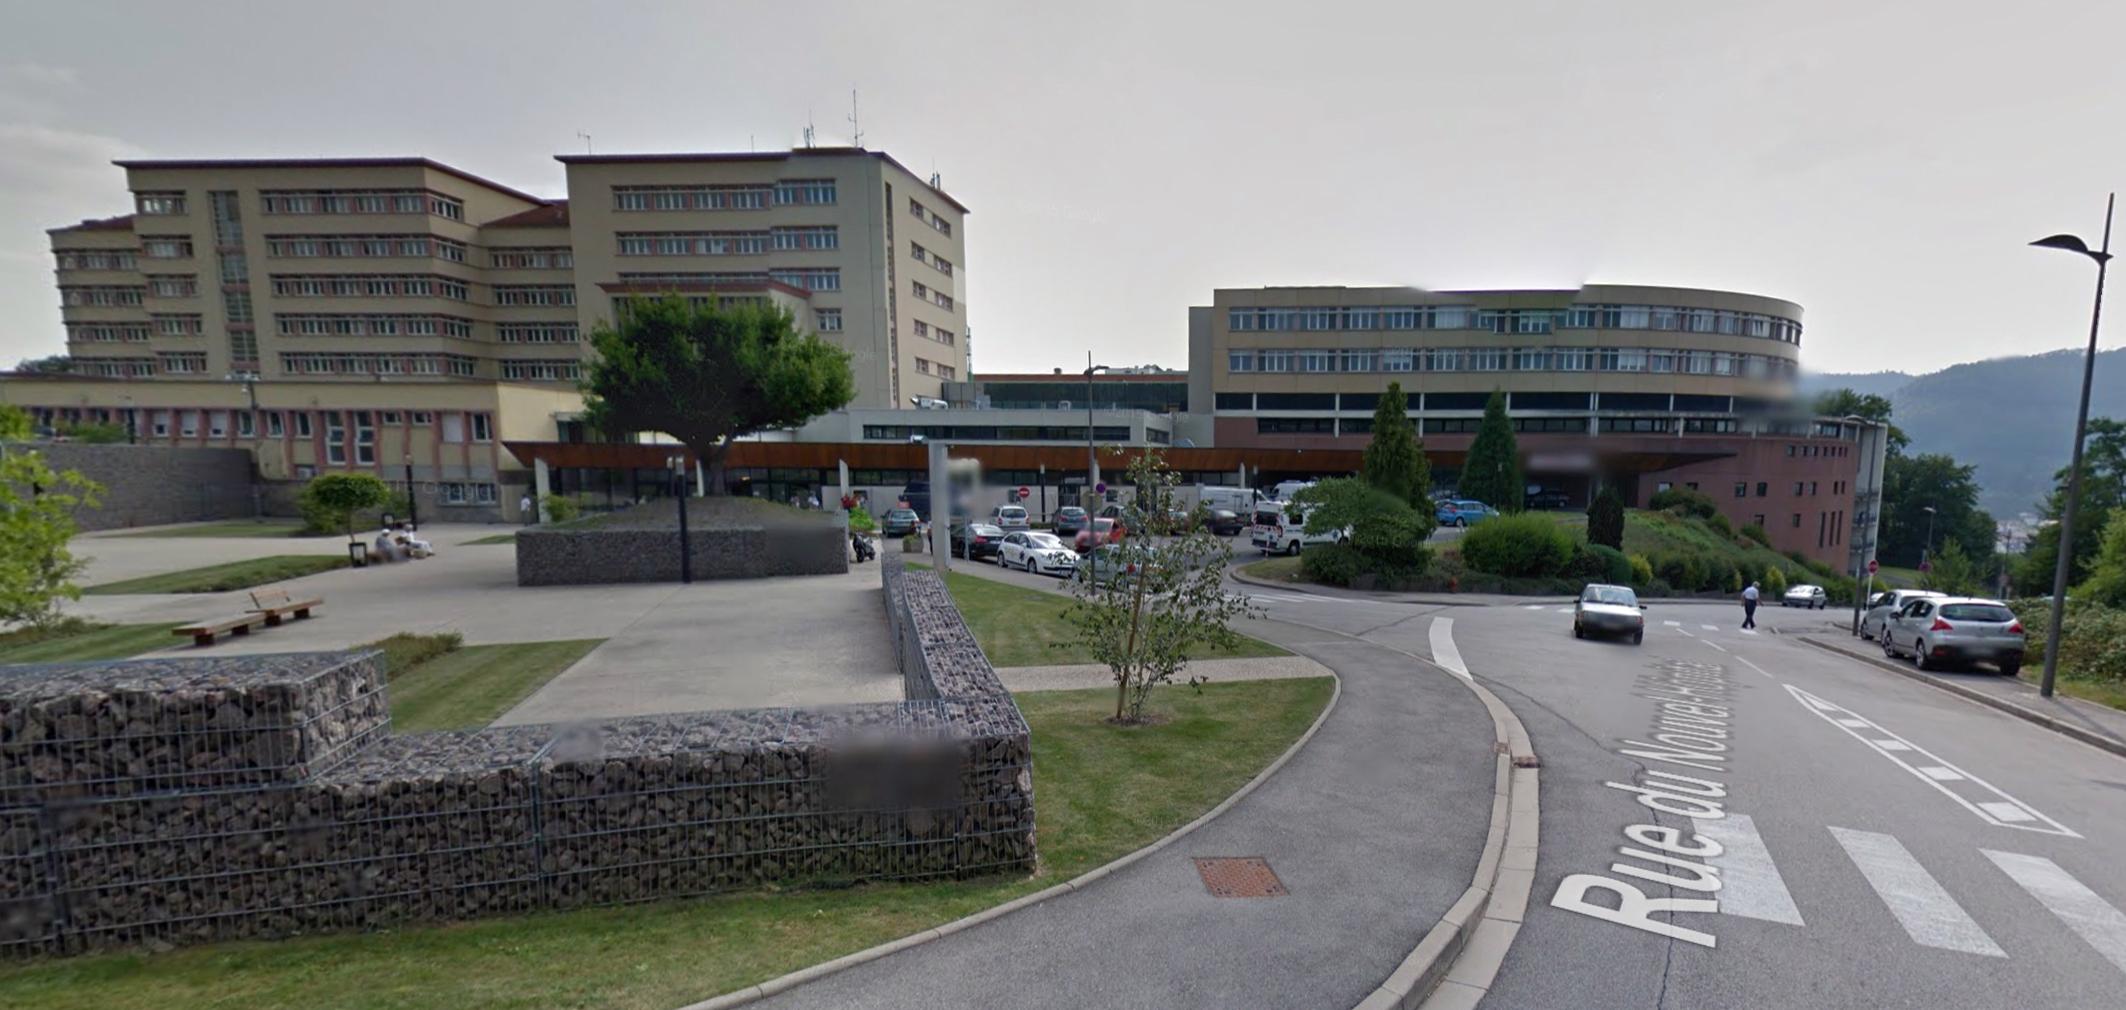 COVID-19 – Le point sur la situation au Centre Hospitalier de Saint-Dié-des-Vosges